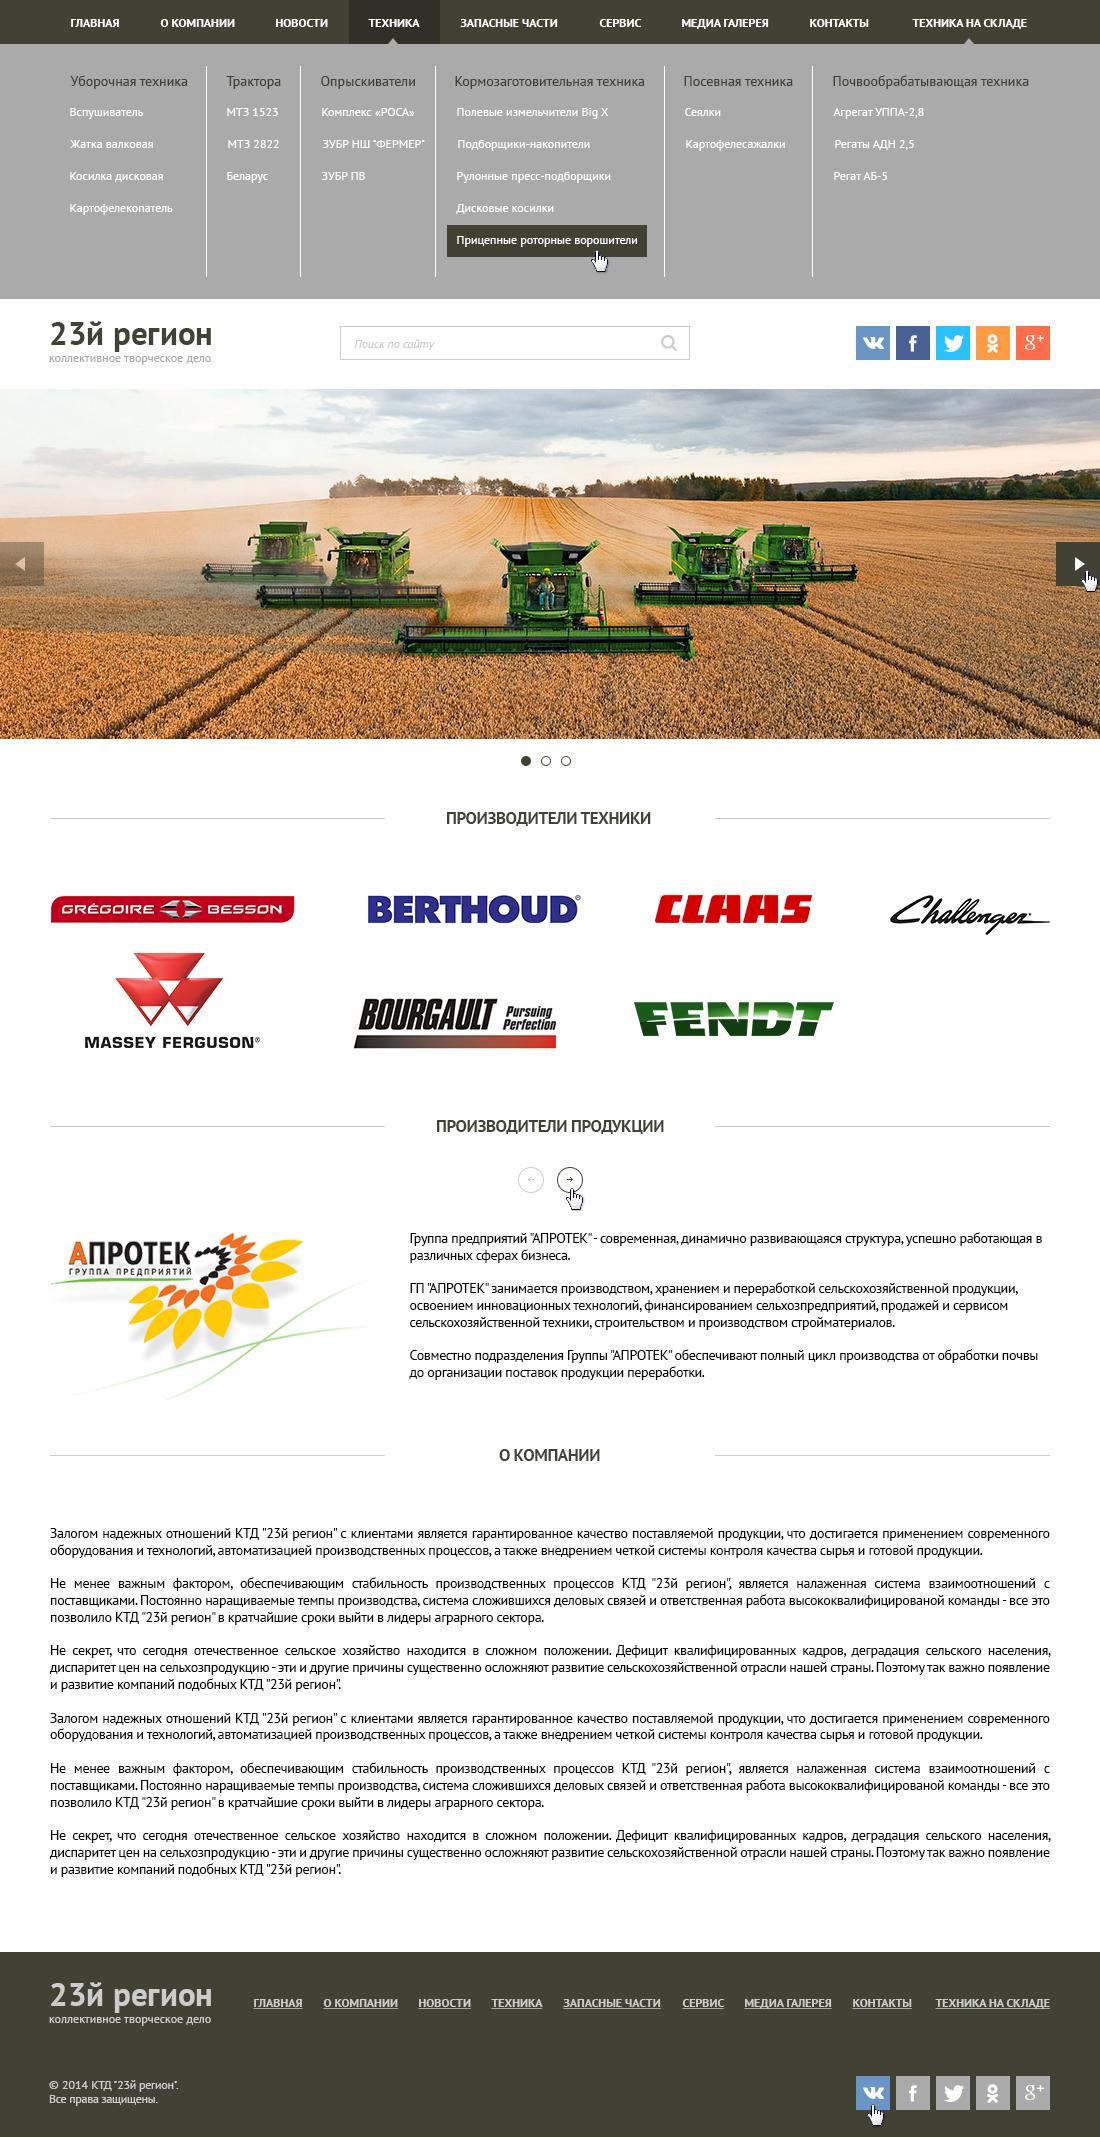 Дизайн сайта сельхоз техники фото f_655539ade790f925.png